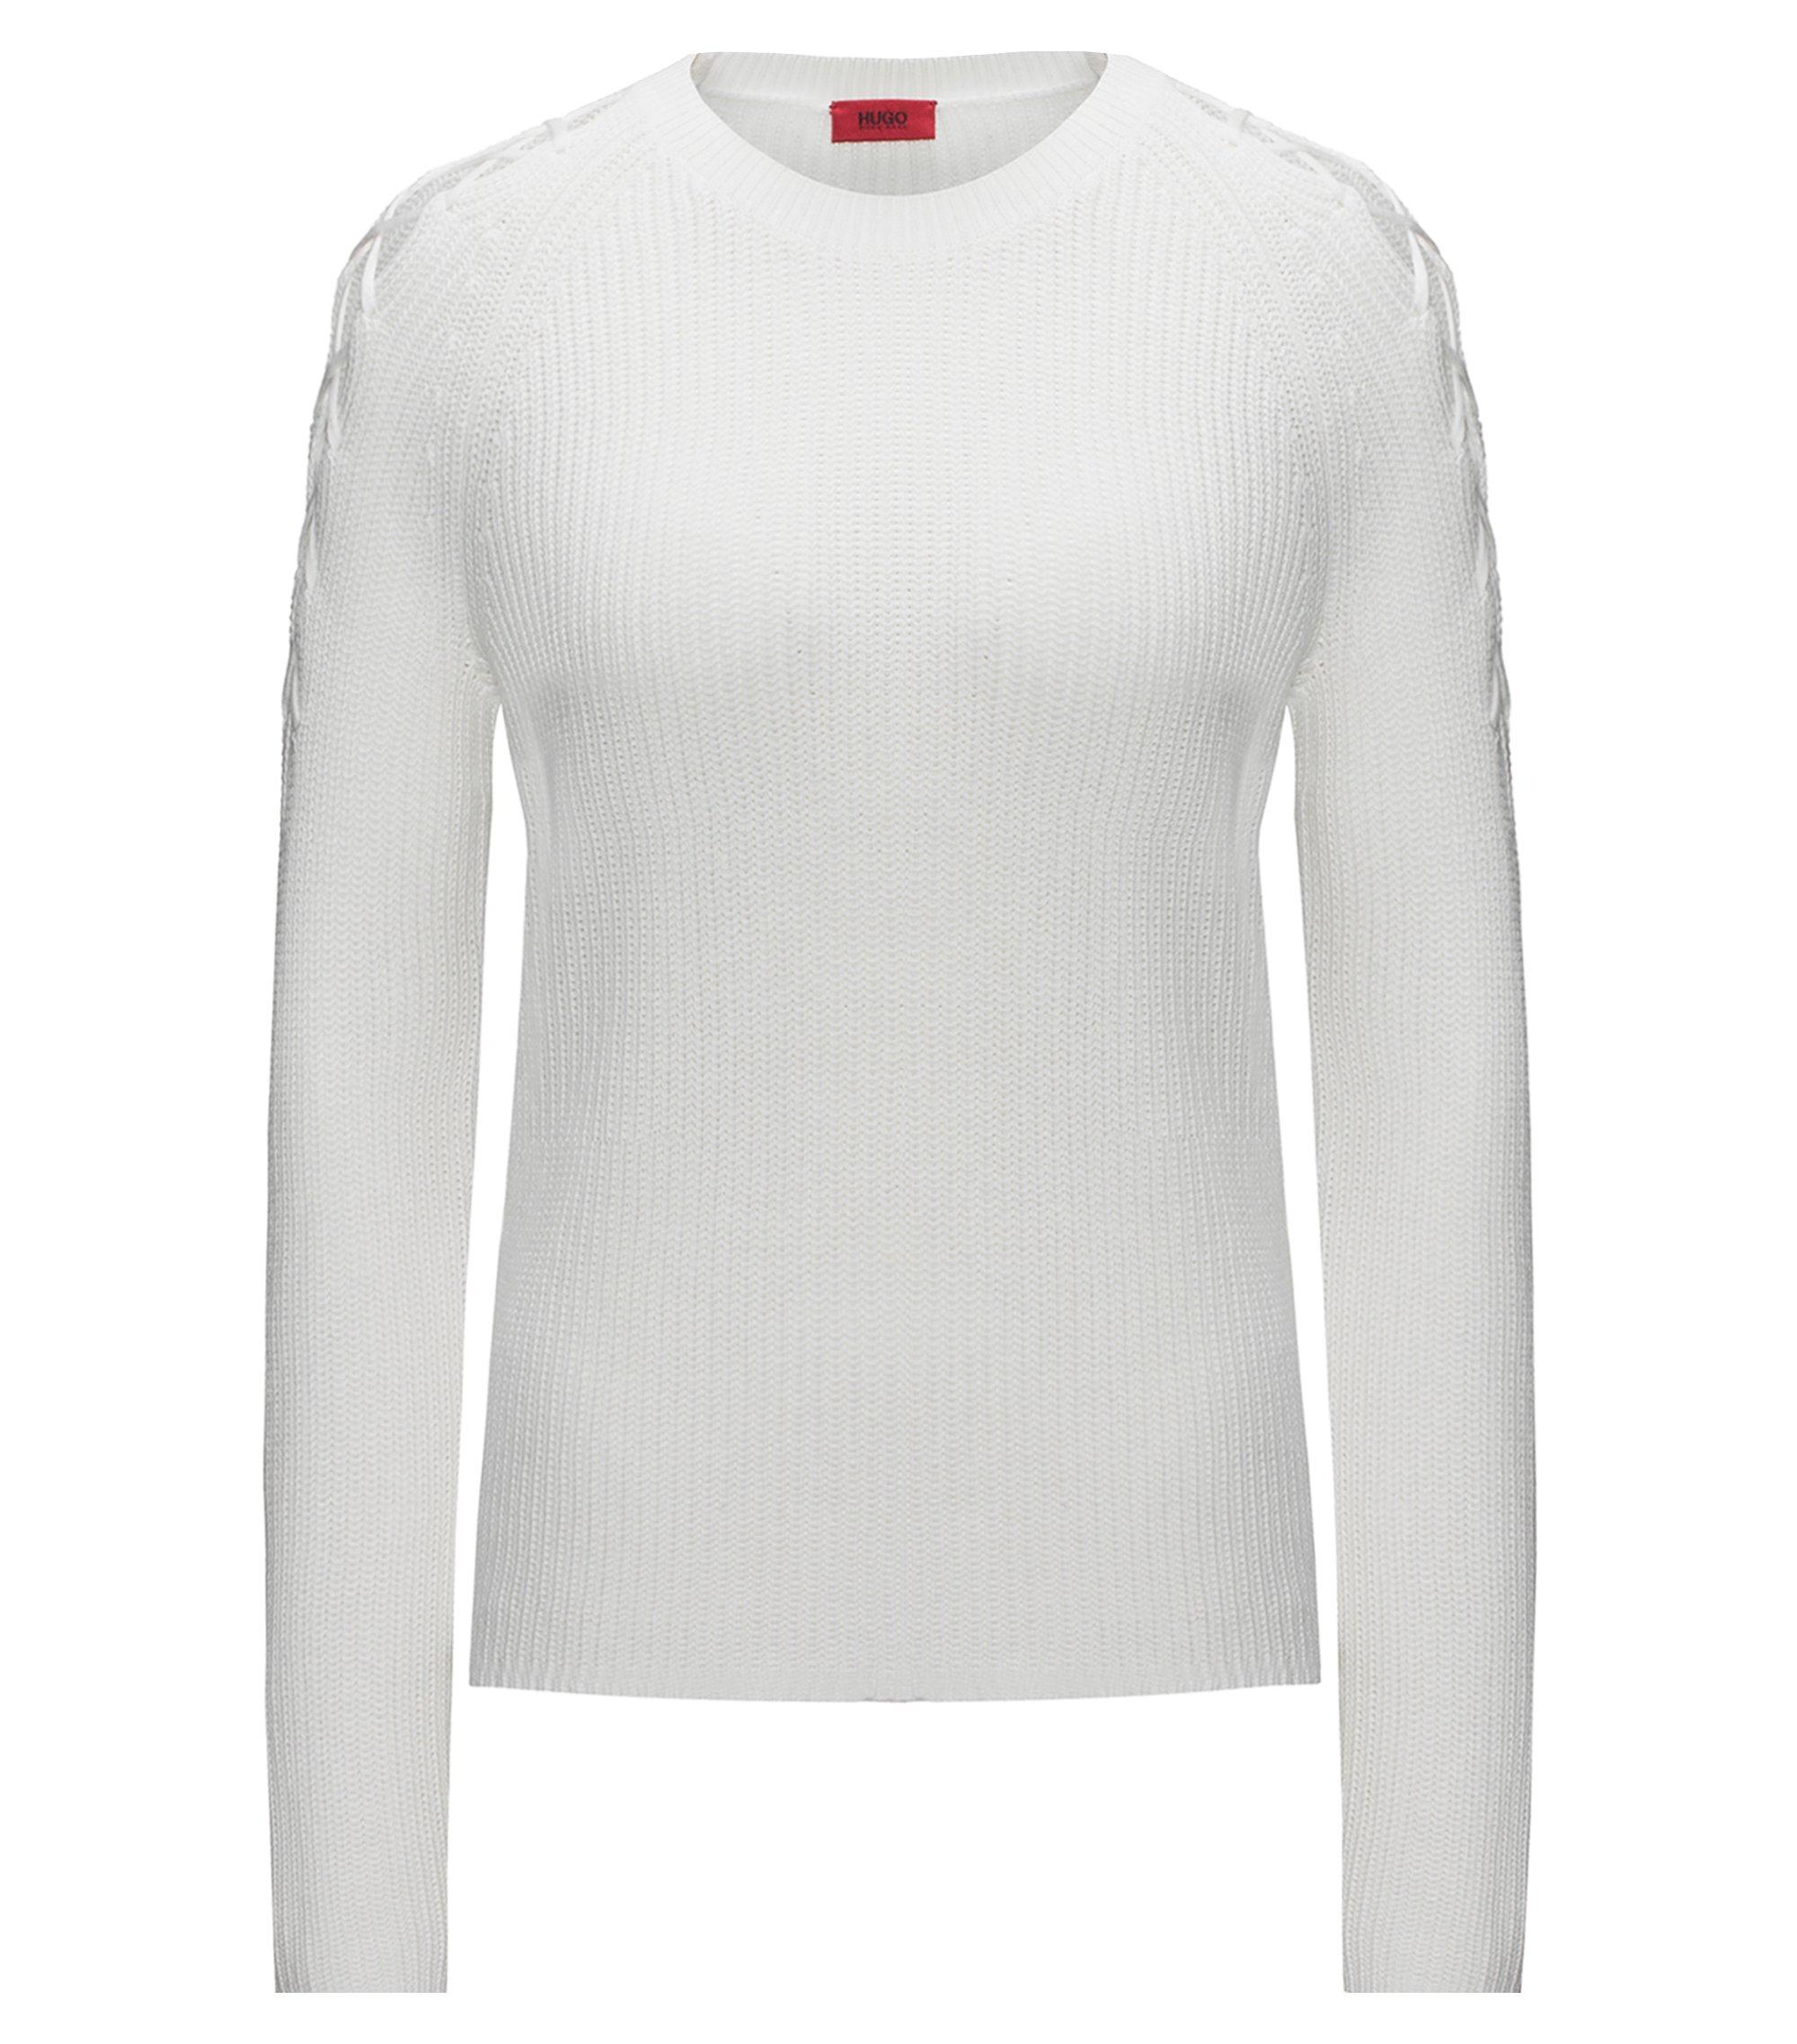 Pullover aus Baumwoll-Mix mit Seide mit Schnür-Details an den Schultern, Natur